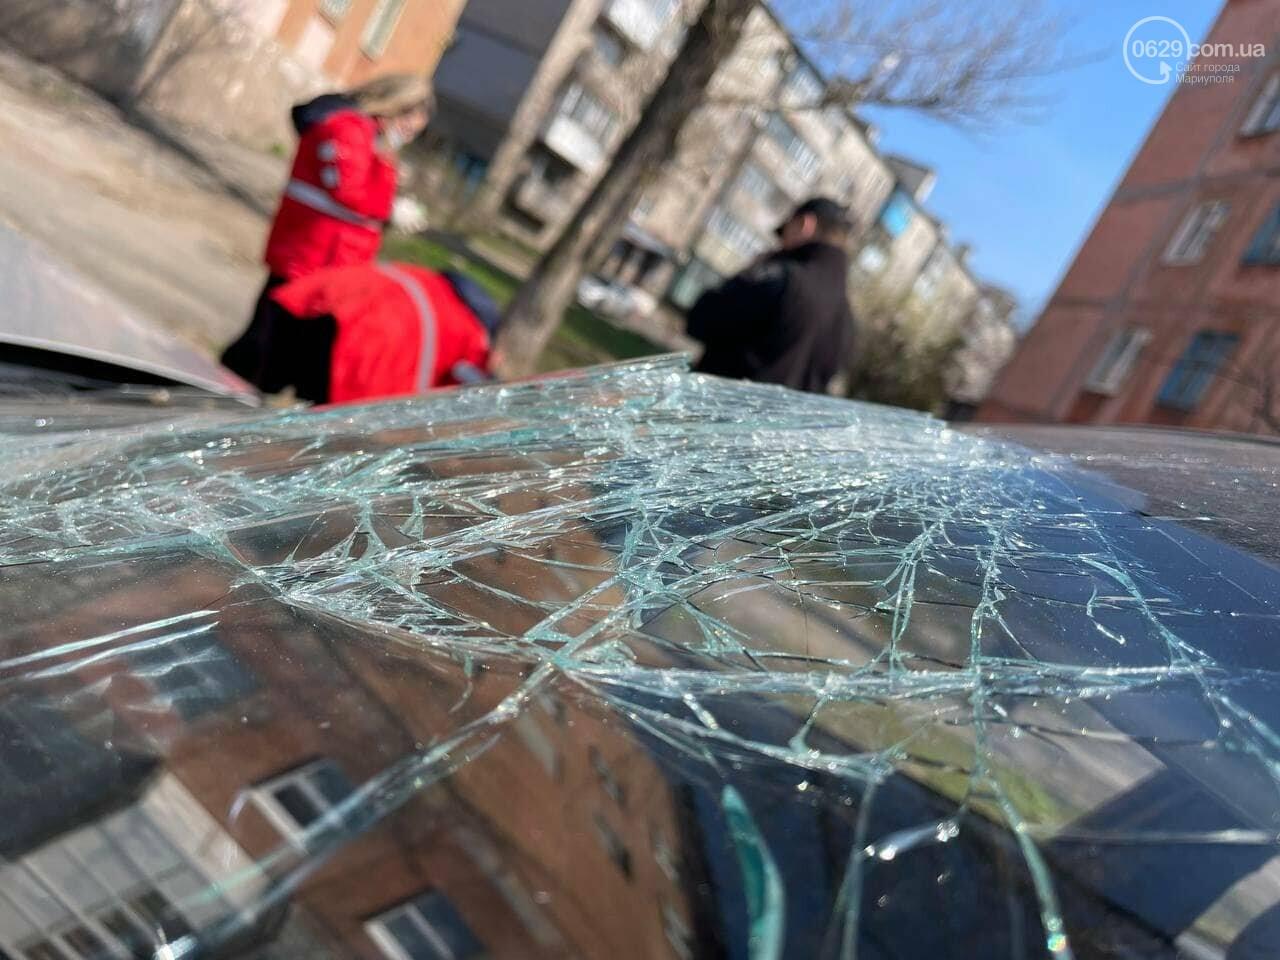 В Мариуполе таксист на Daewoo  влетел в столб, - ФОТО, фото-6